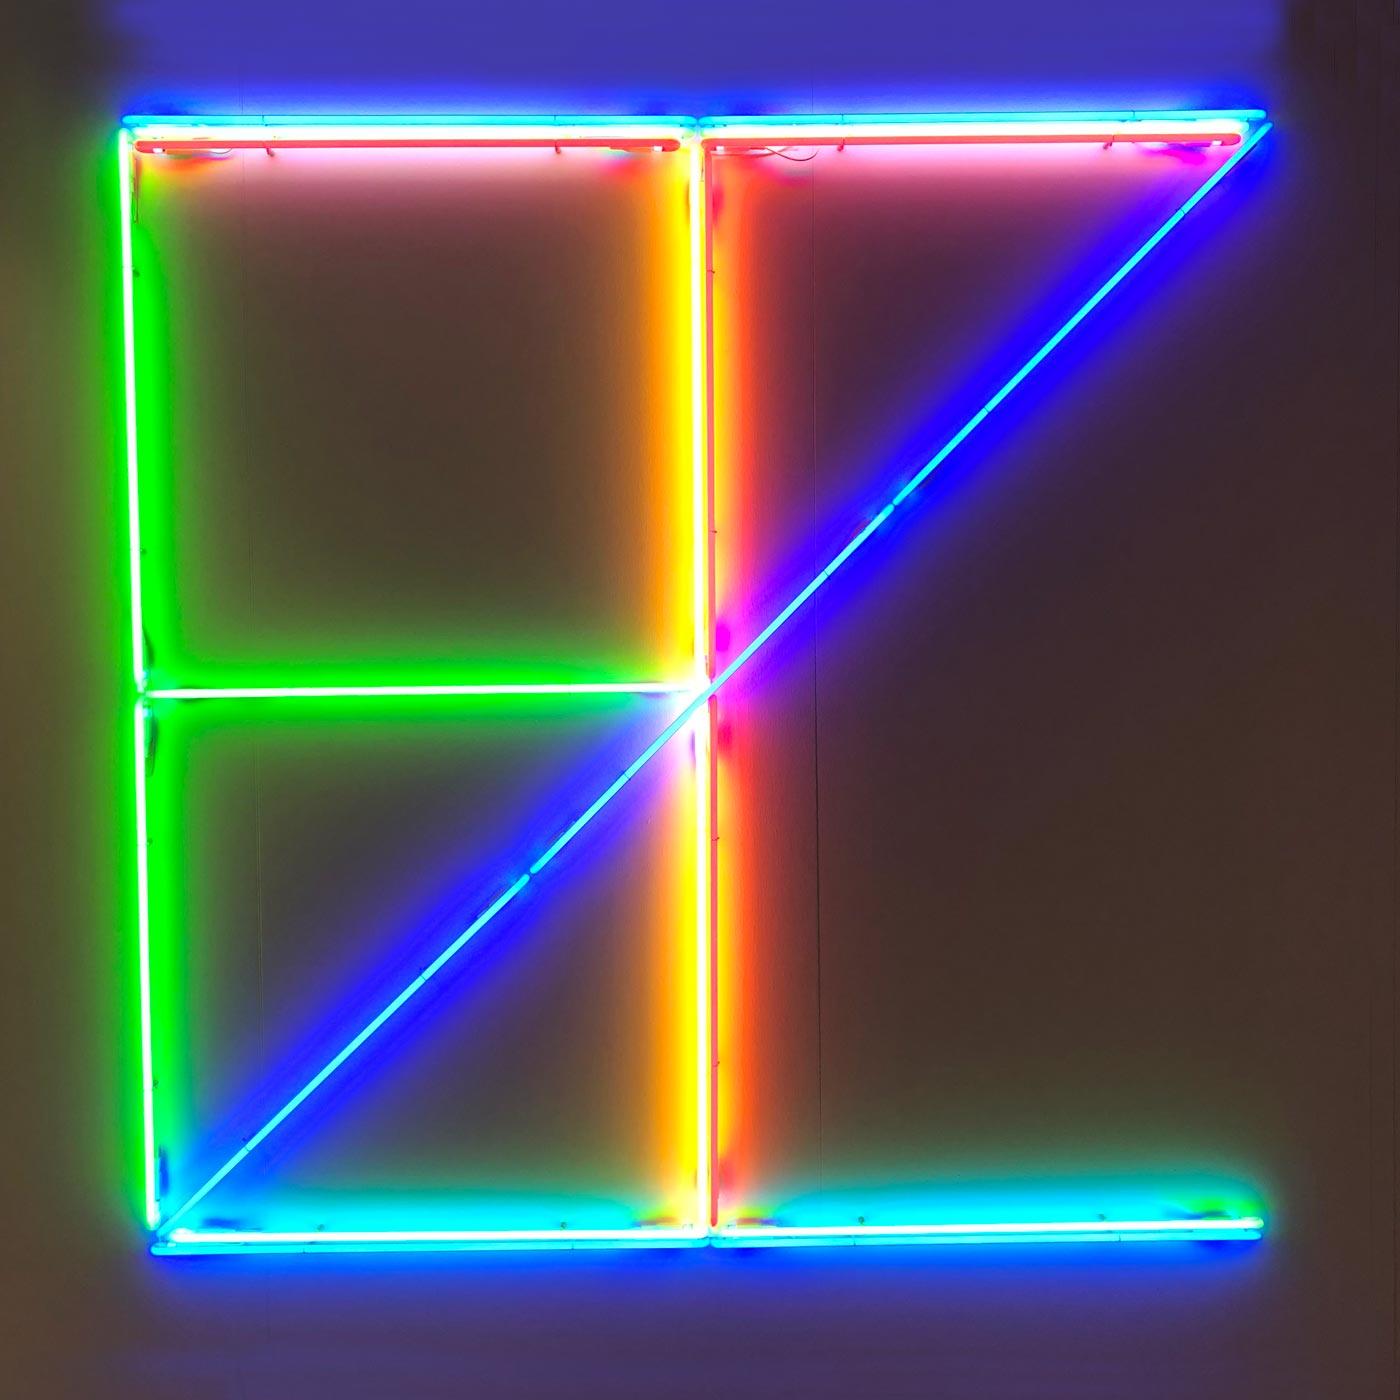 Installation mit farbigen Neonröhren in Form von Buchstaben